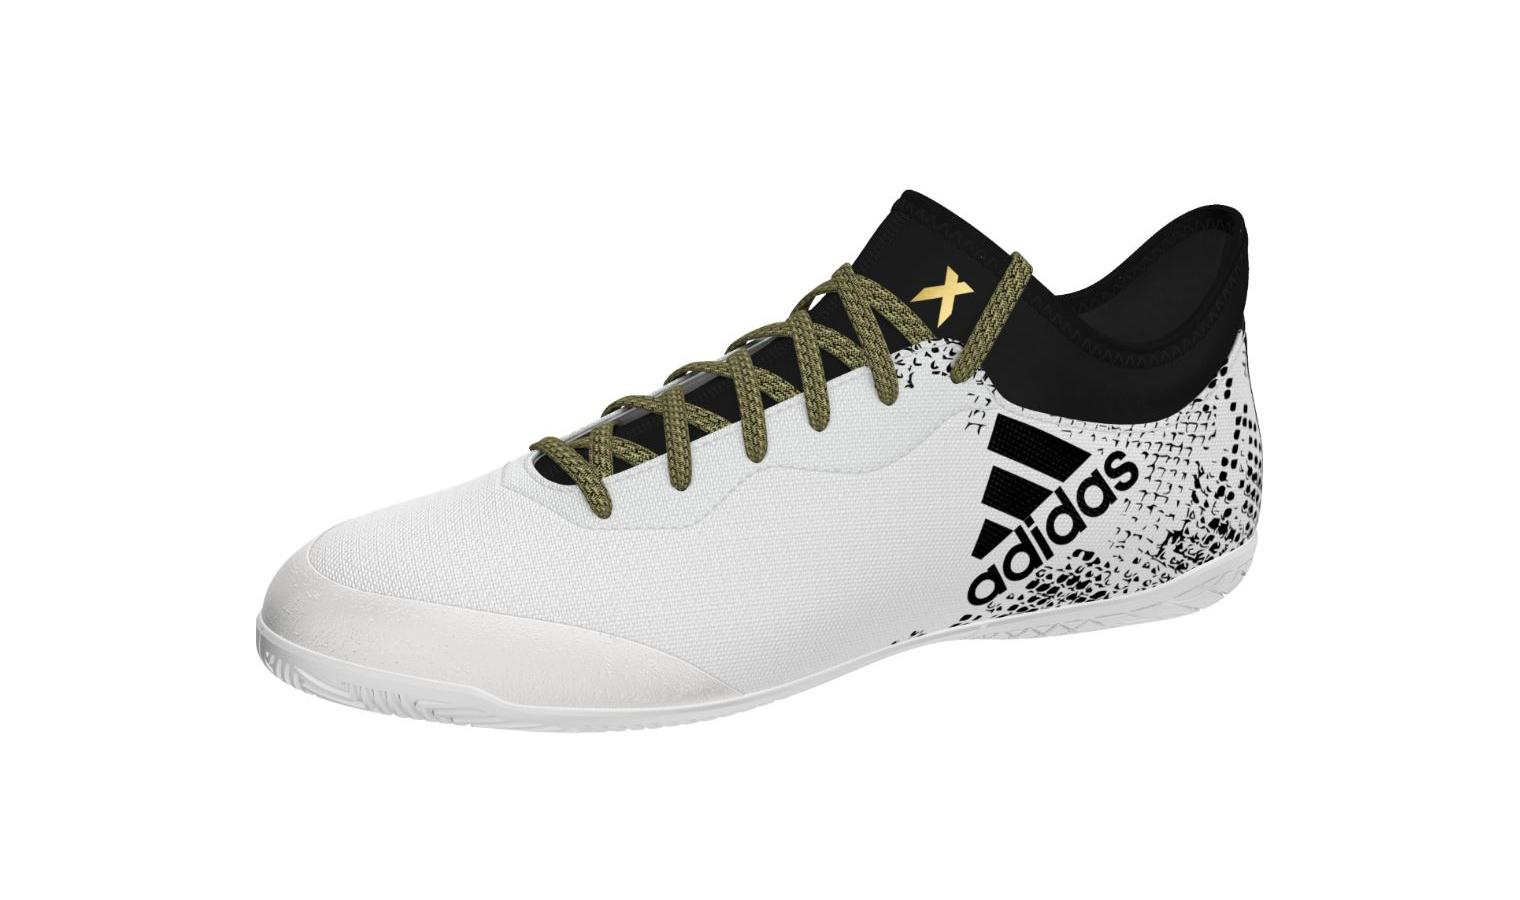 ad551606d2a Pánské sálovky adidas X 16.3 COURT bílé